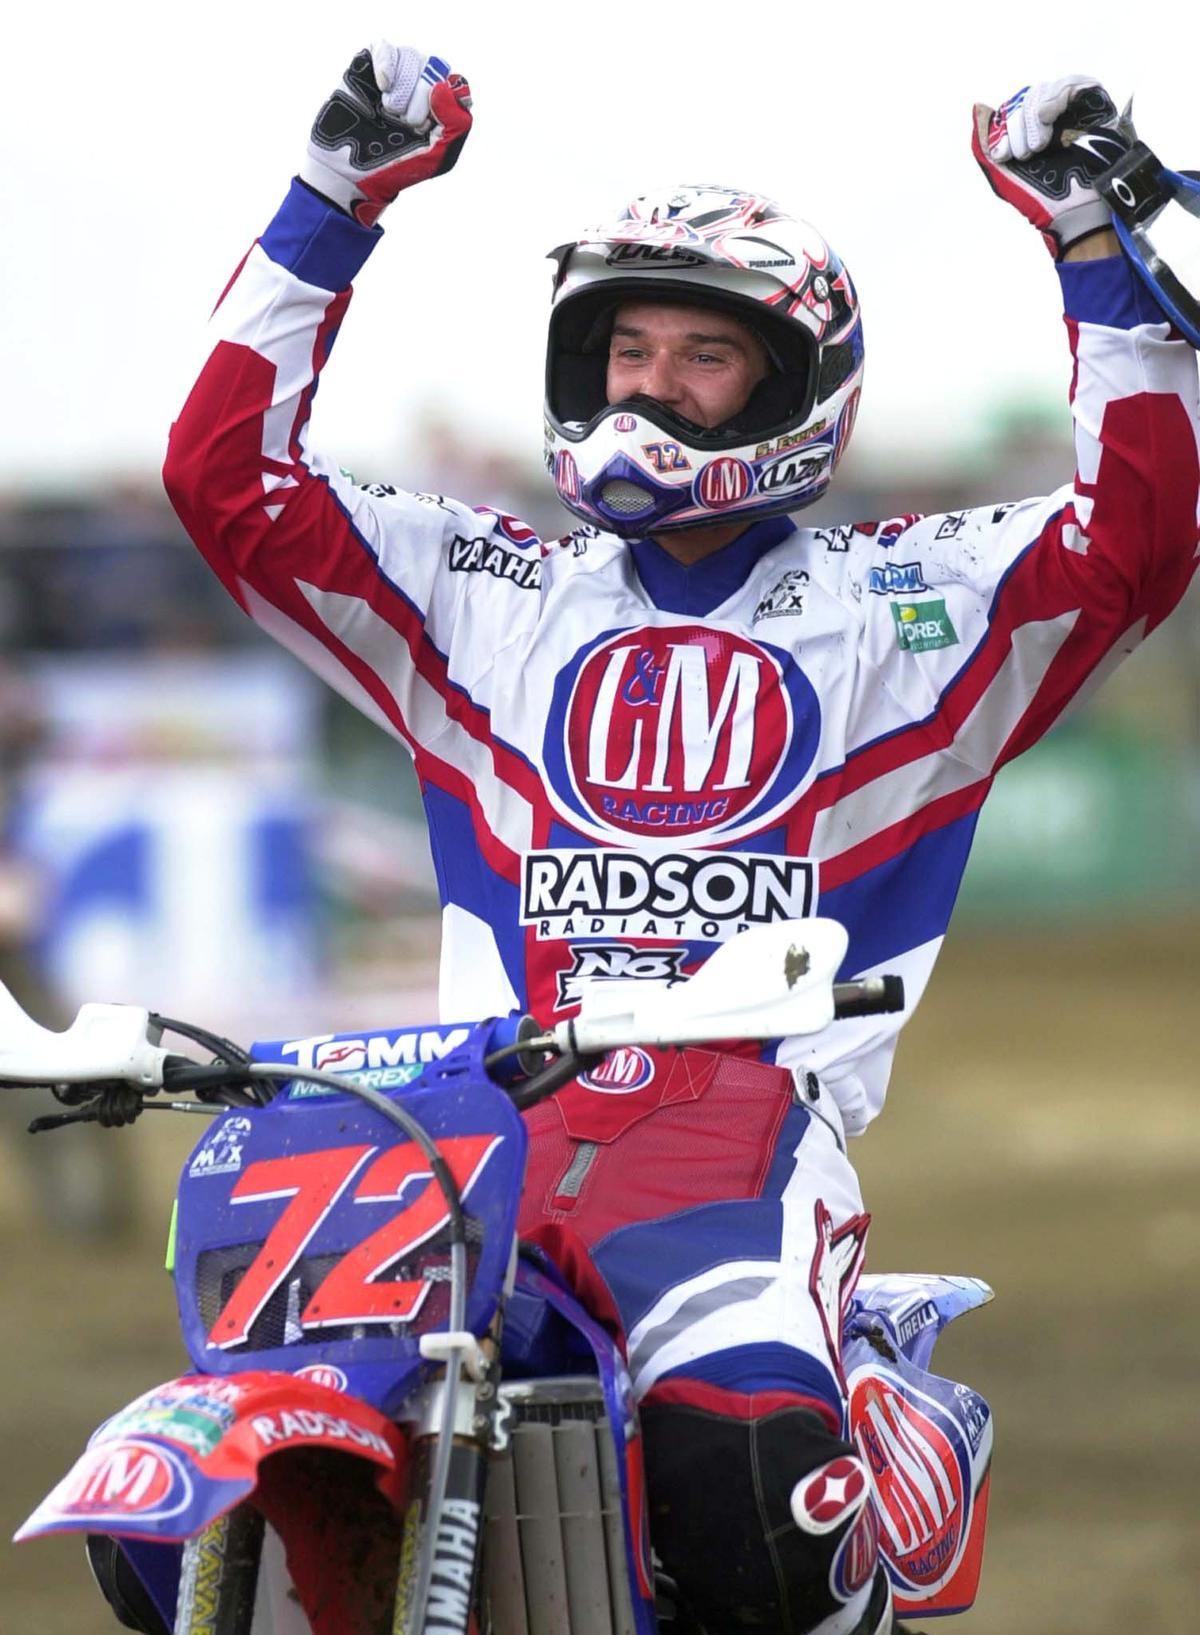 In 2001 domineerde Stefan Everts de motorsport: hij werd wereldkampioen en pakte de ene overwinning na de andere, zoals hier in Namen. (foto Belga)©BENOIT DOPPAGNE BELGA